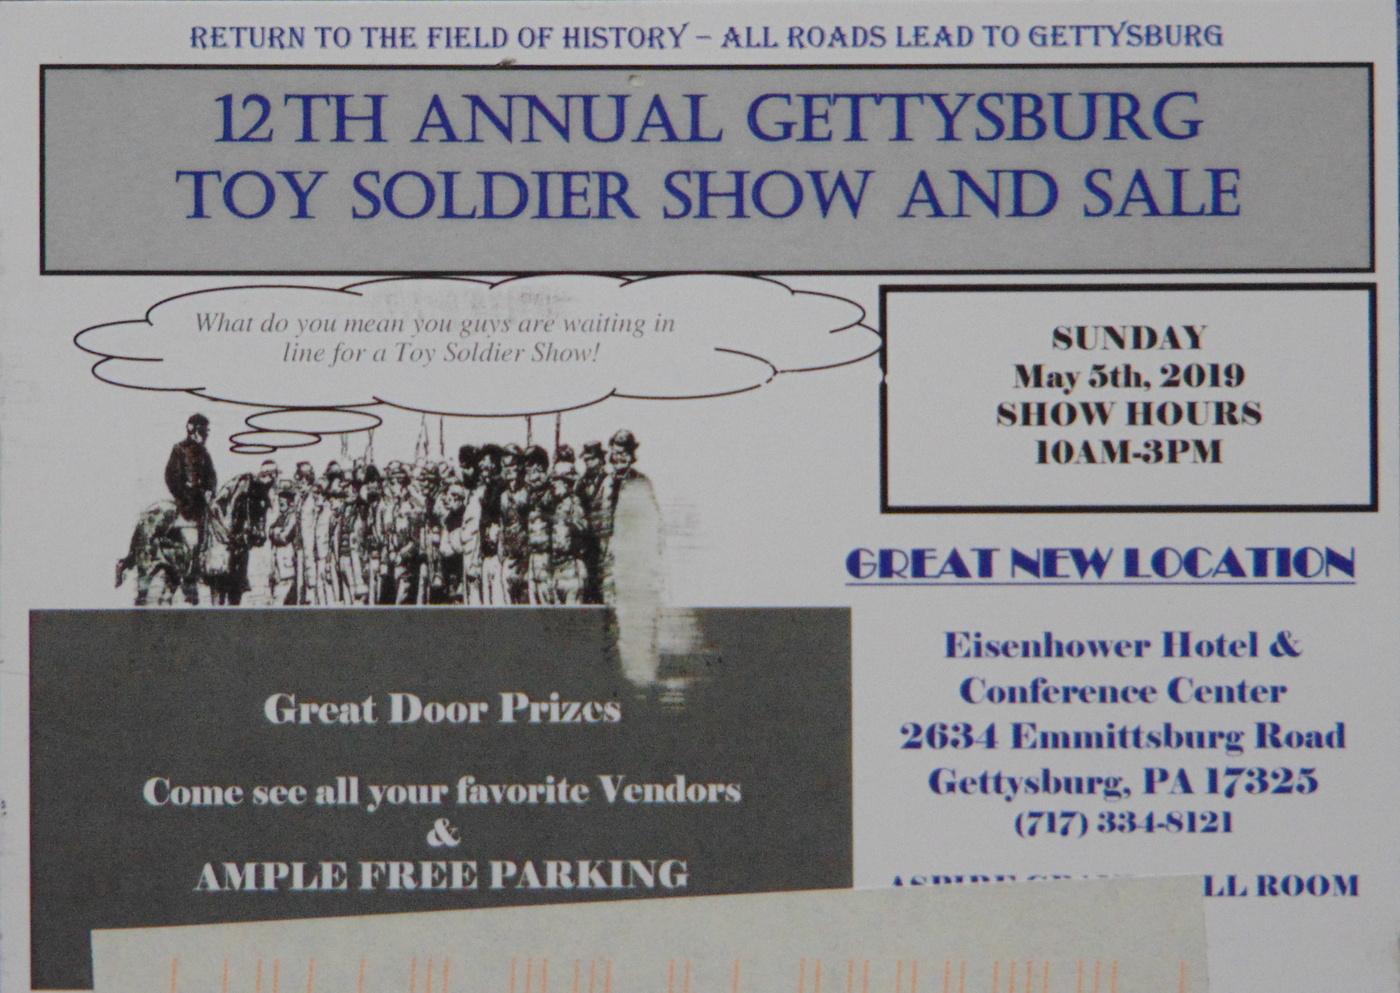 Gettysburg Toy Soldier Show 2019